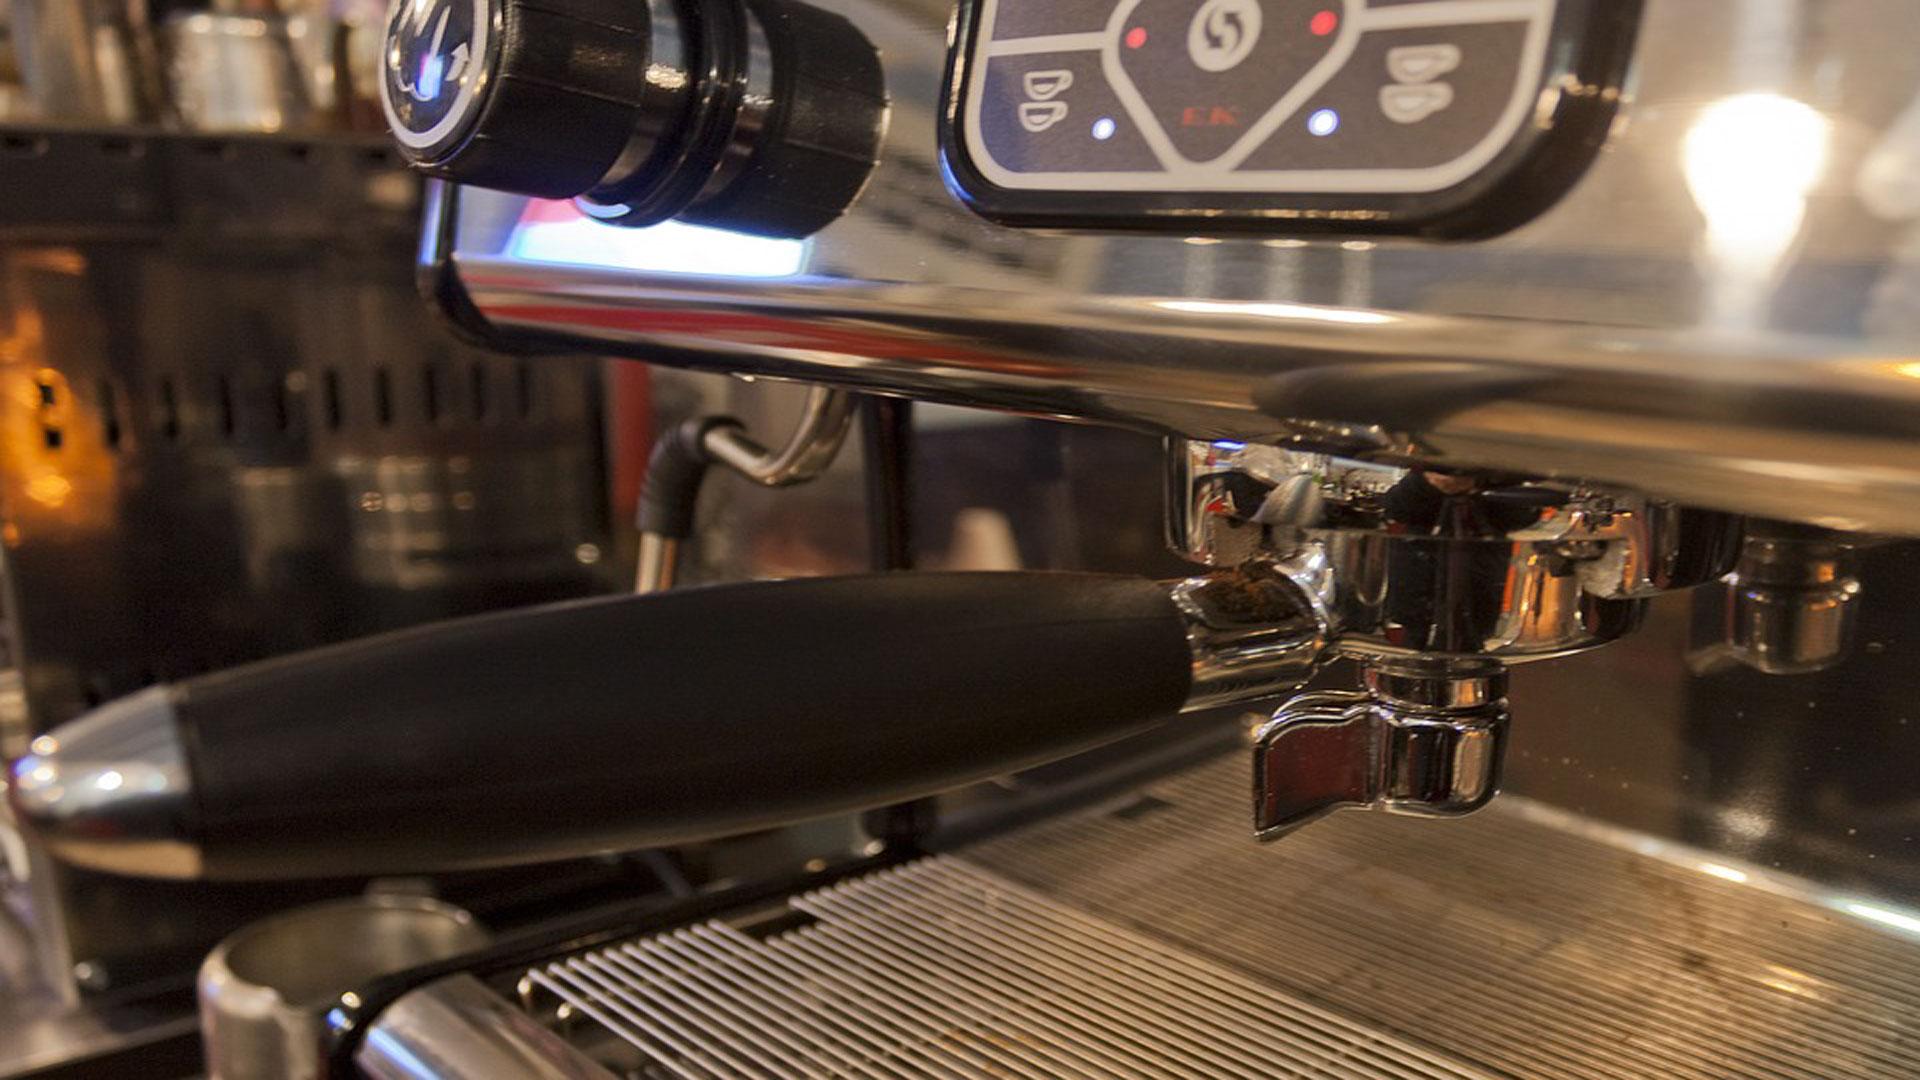 las-principales-formas-de-preparar-cafe-1920